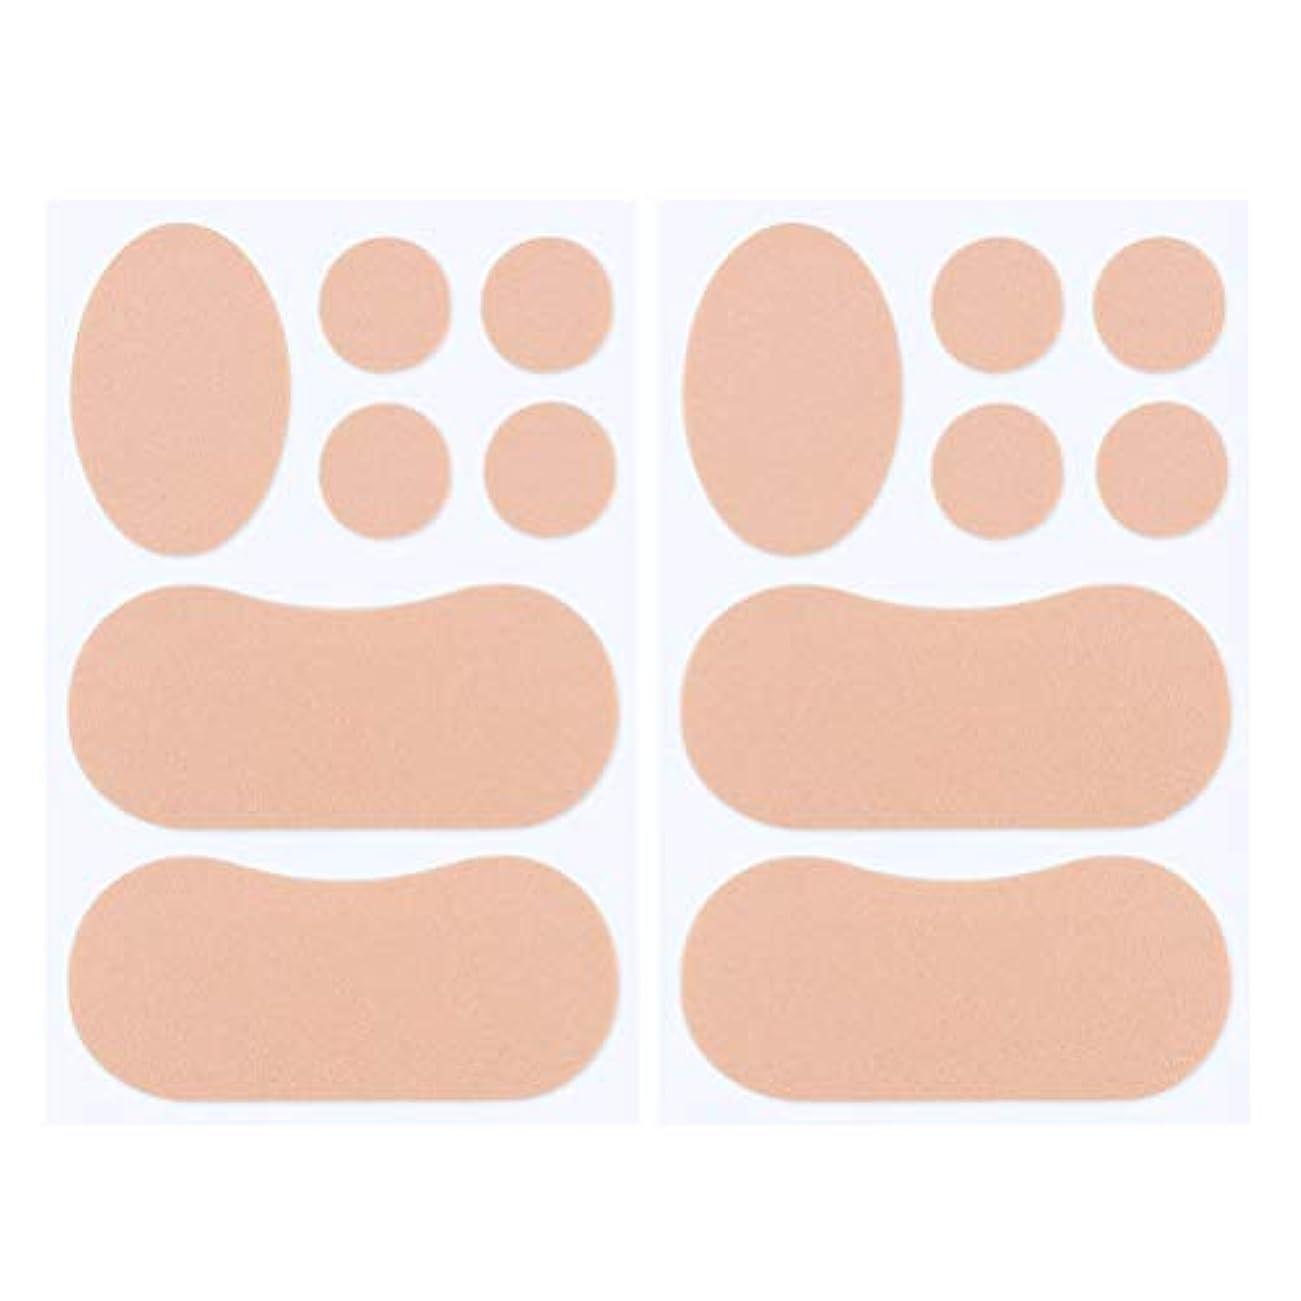 合唱団ずんぐりした説教するFrcolor 2セット靴ずれ防止 ヒールステッカー つま先プロテクター フットケア